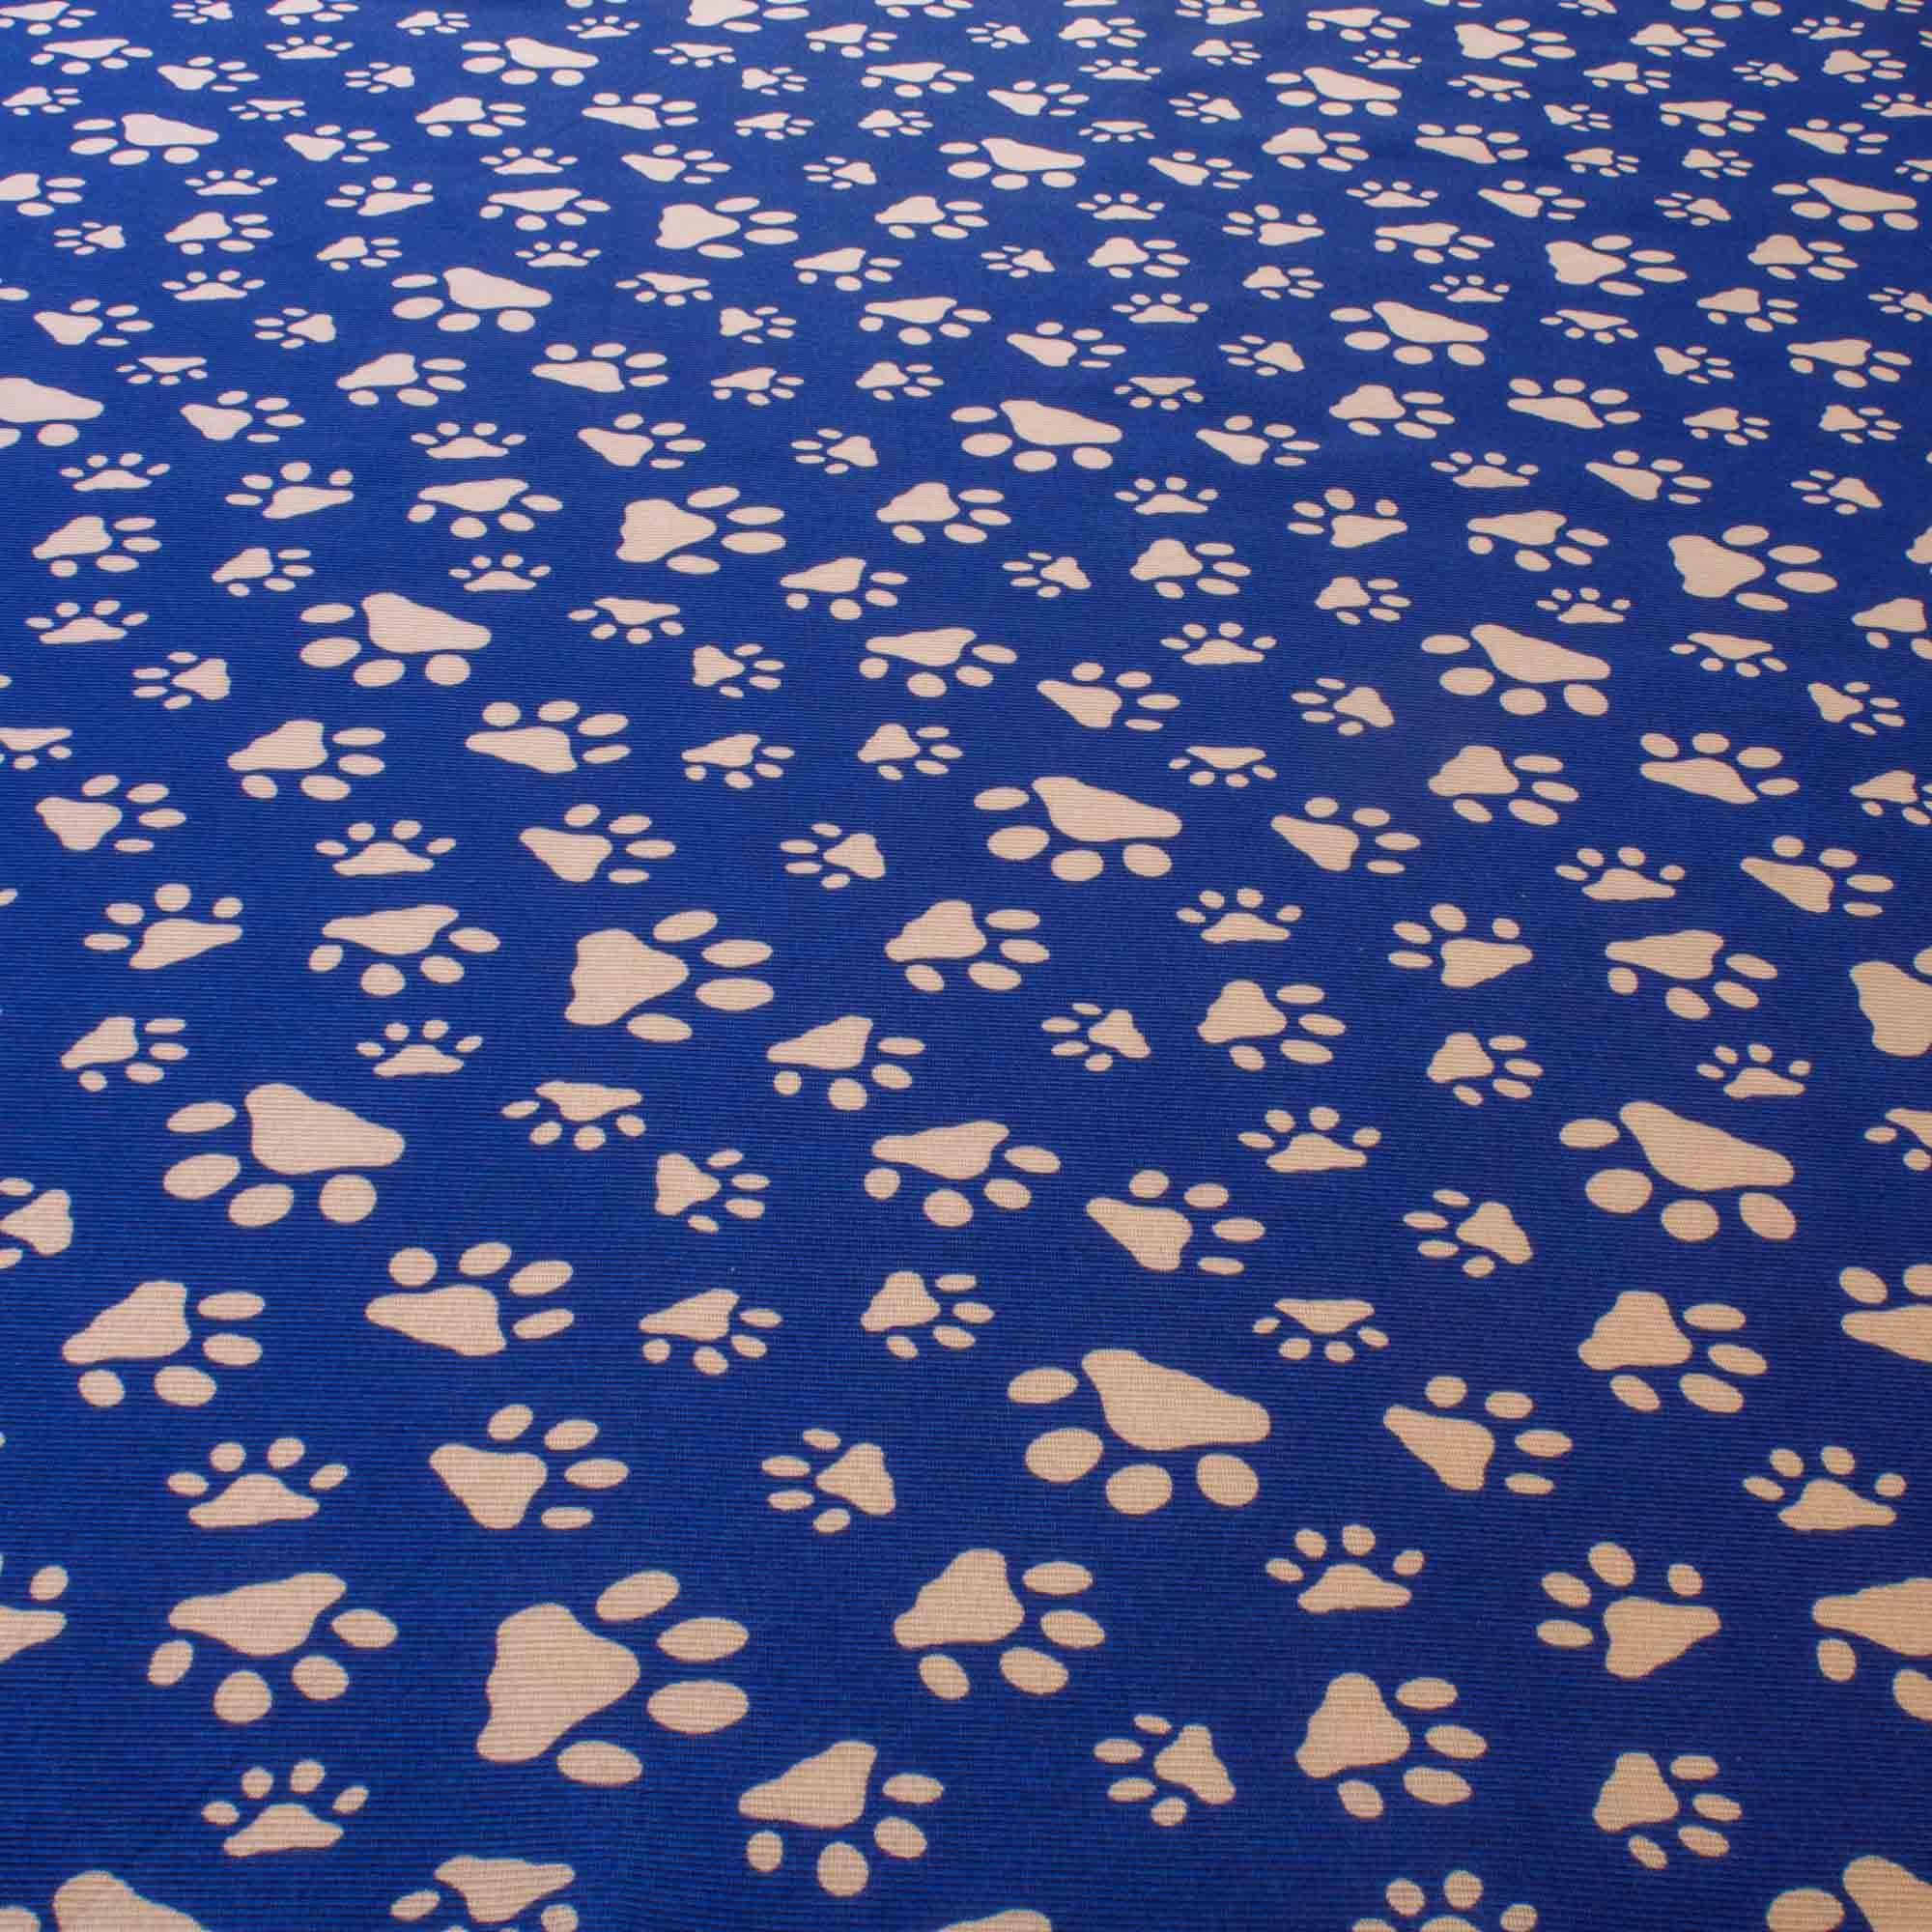 Tecido Gorgurinho Estampado Patas 1,50 Mt Largura Azul